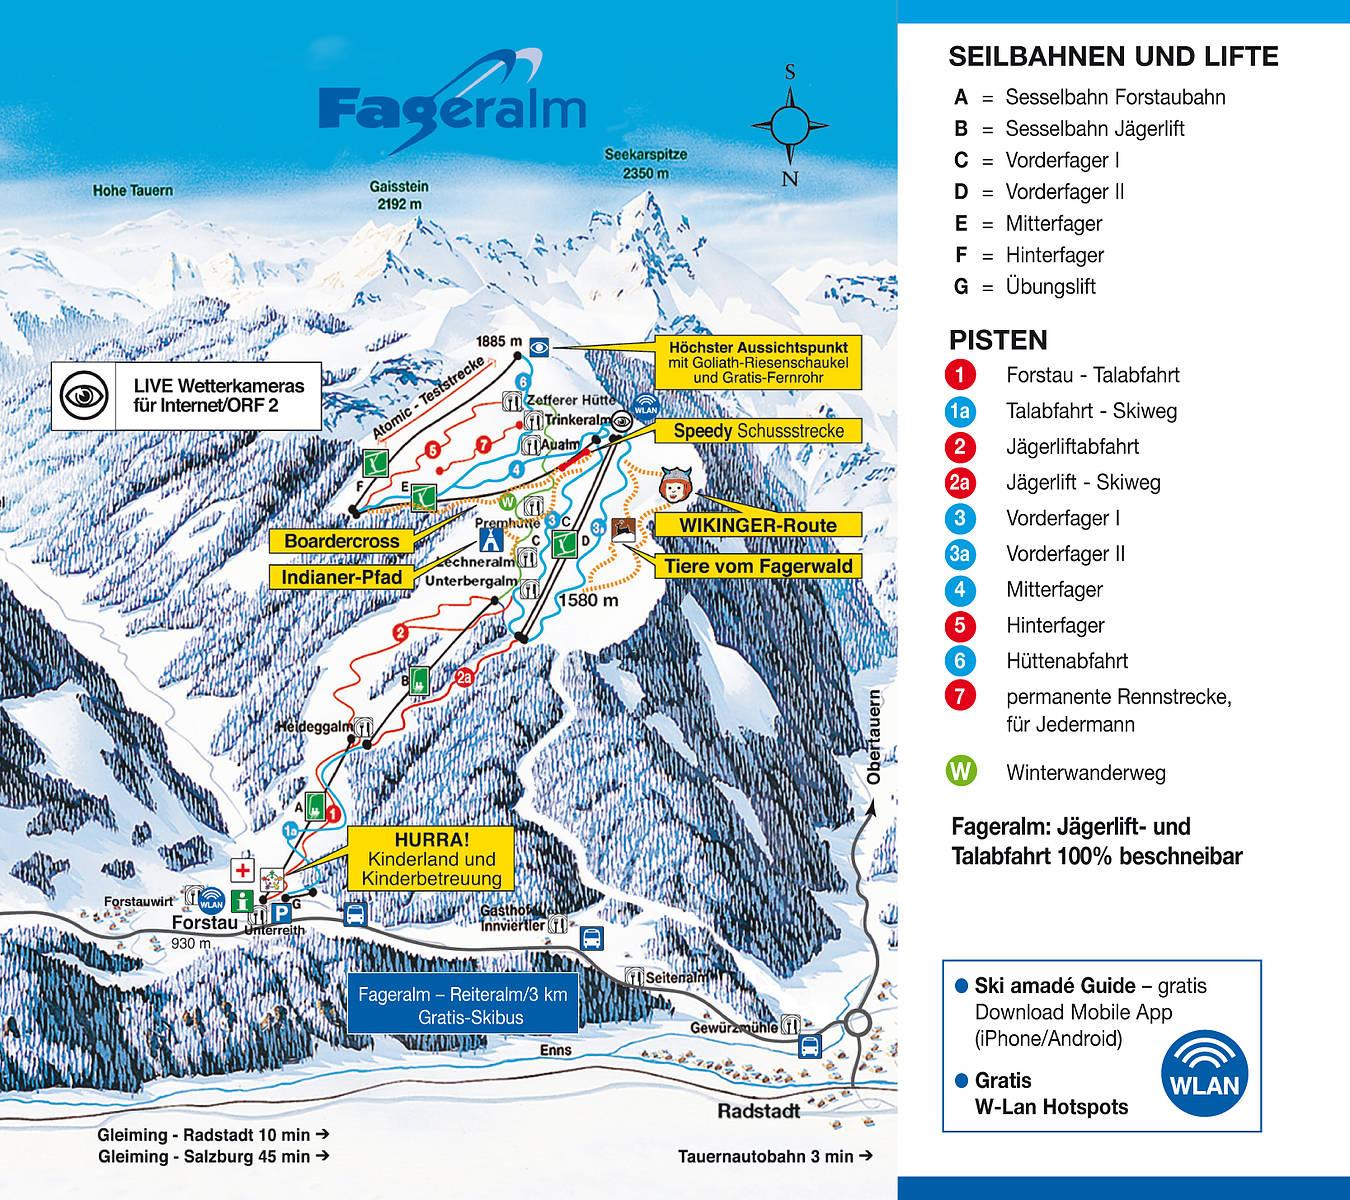 Fageralm Forstau - Ski amade